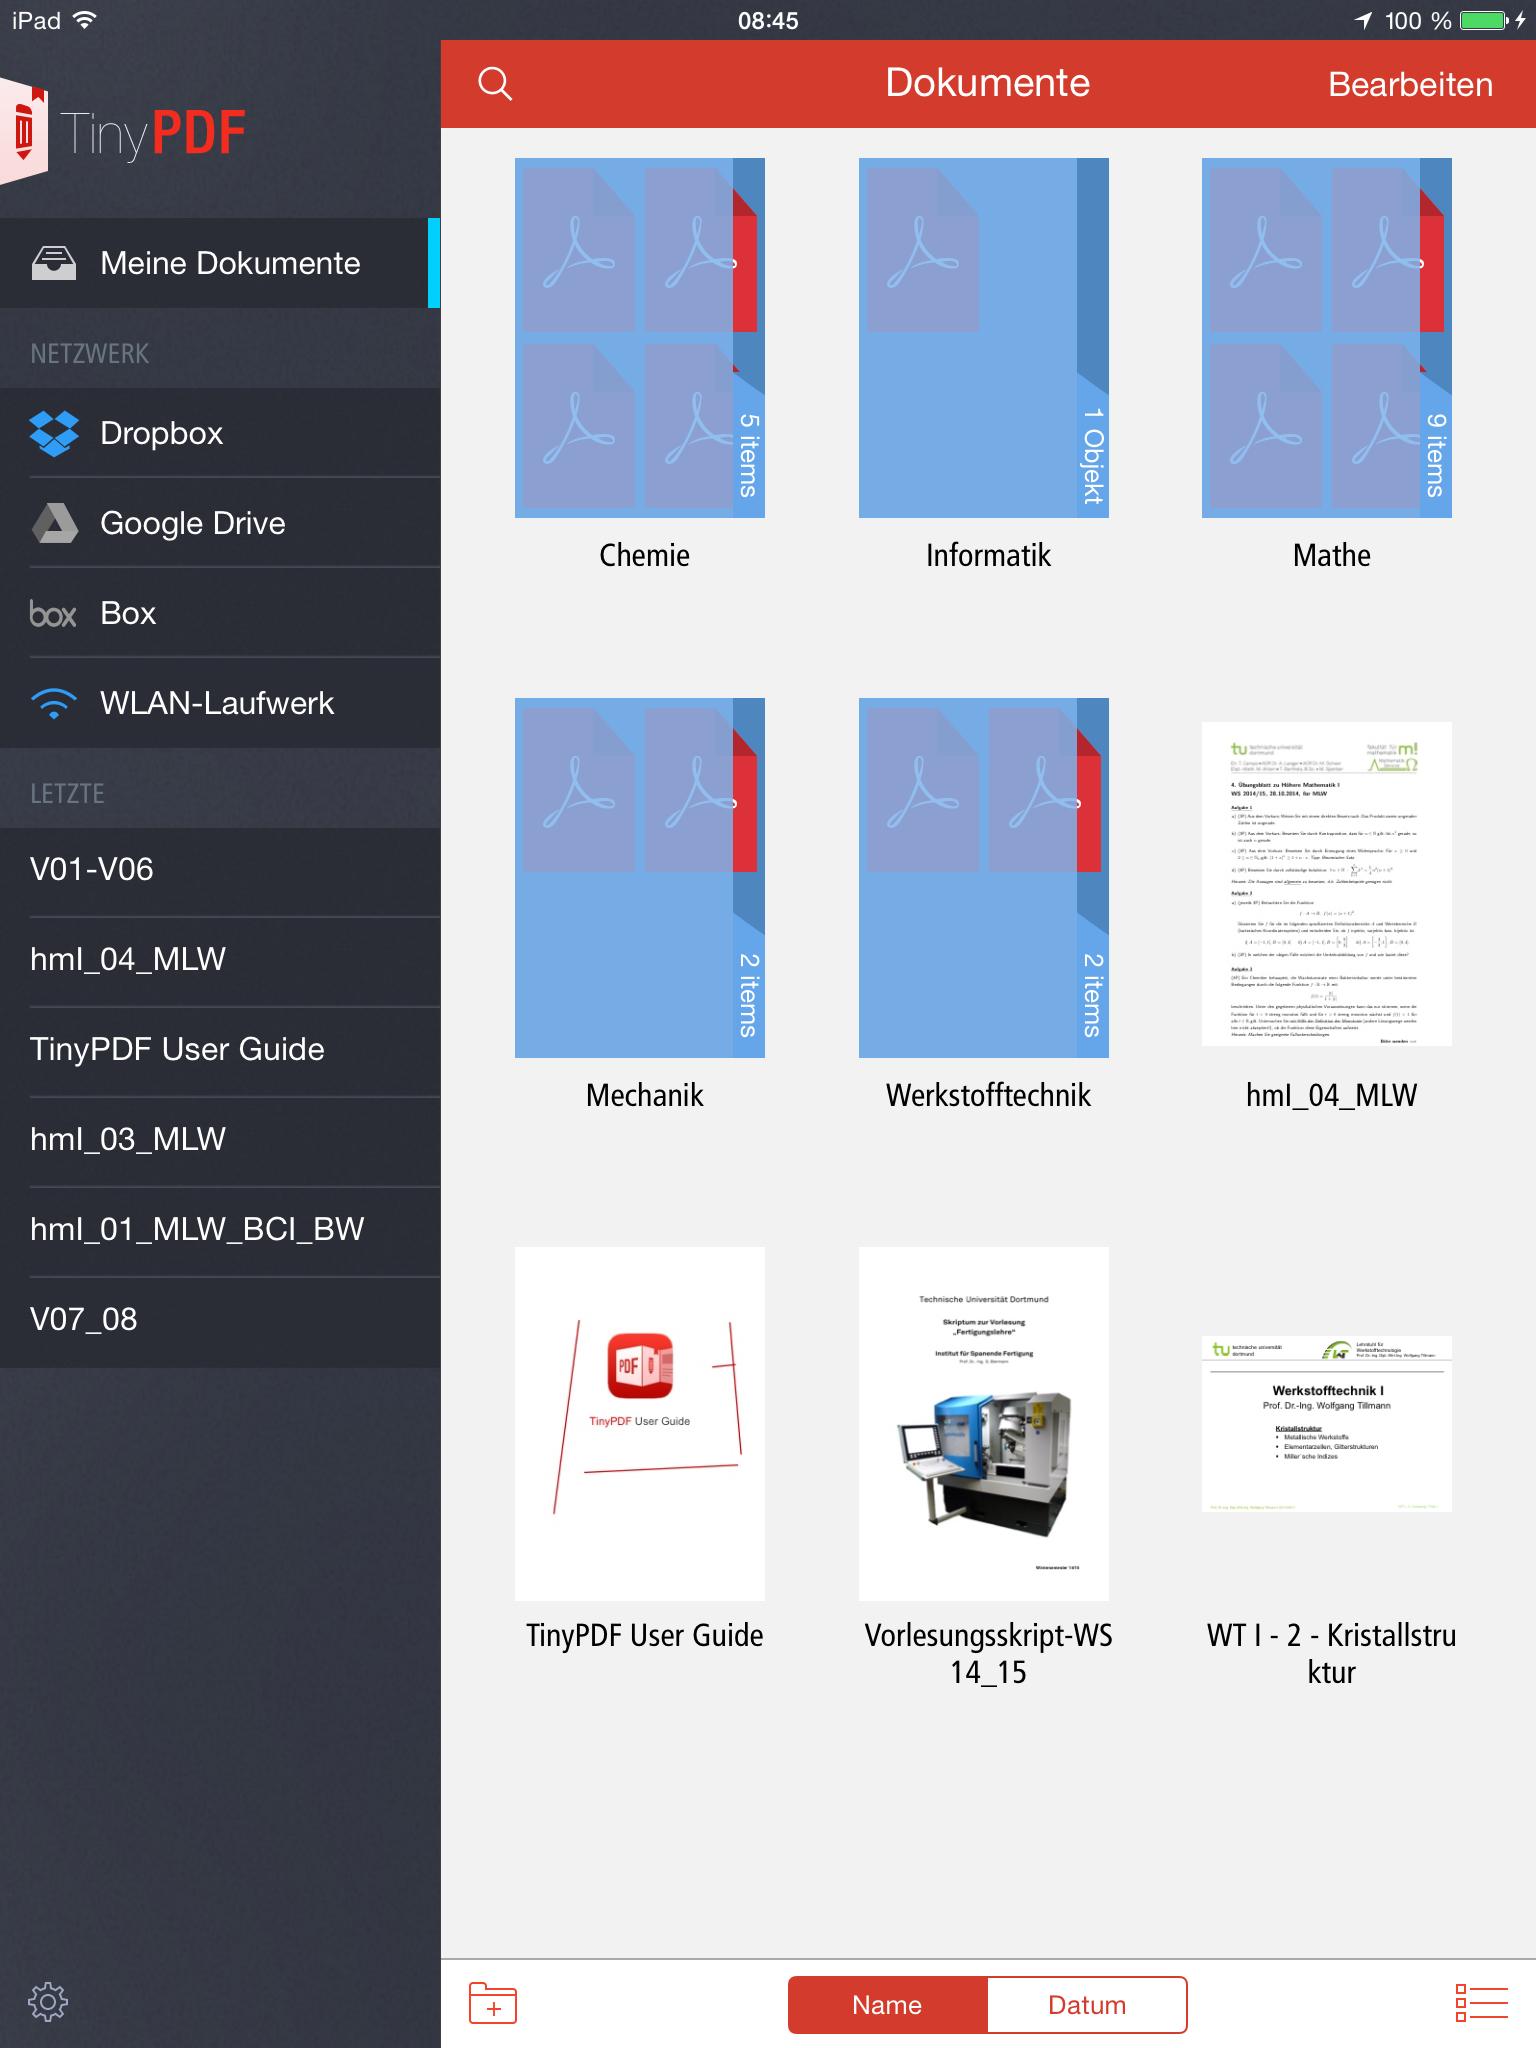 App Vergleich: Welcher PDF Bearbeitungs-App besteht den Uni Test ...